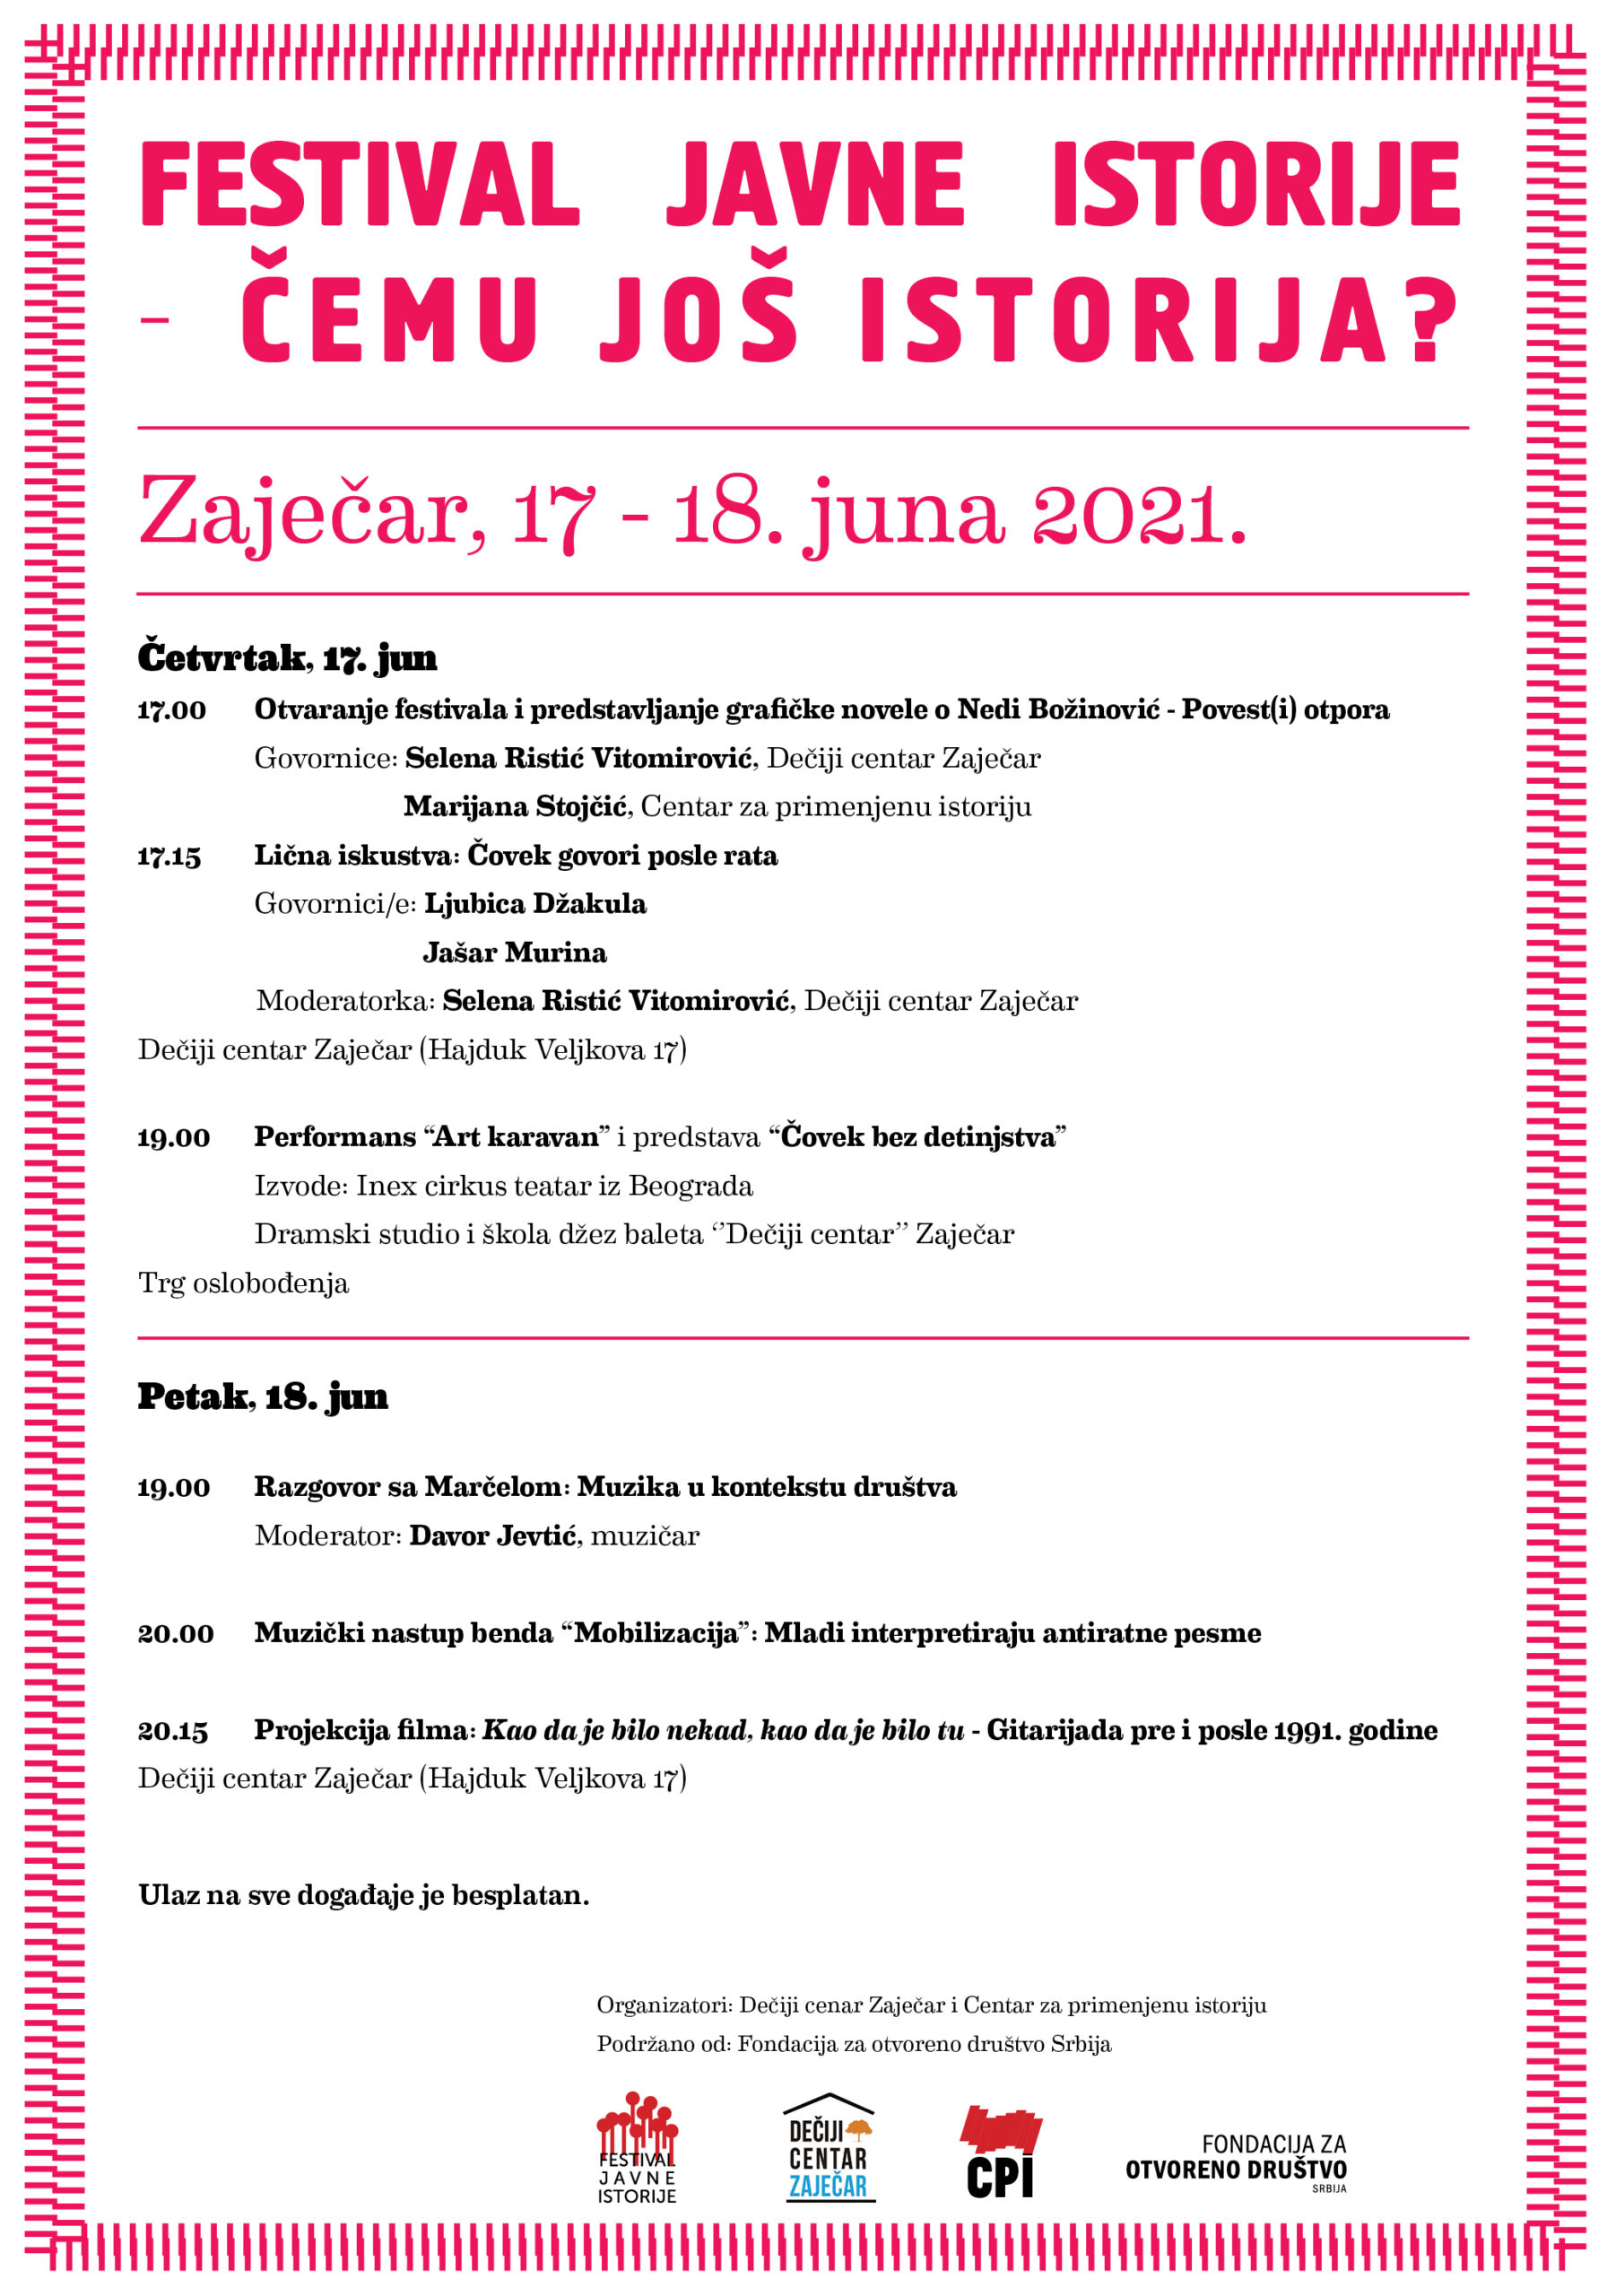 Prvi festival javne istorije u Srbiji,  u Zaječaru 17. i 18. juna